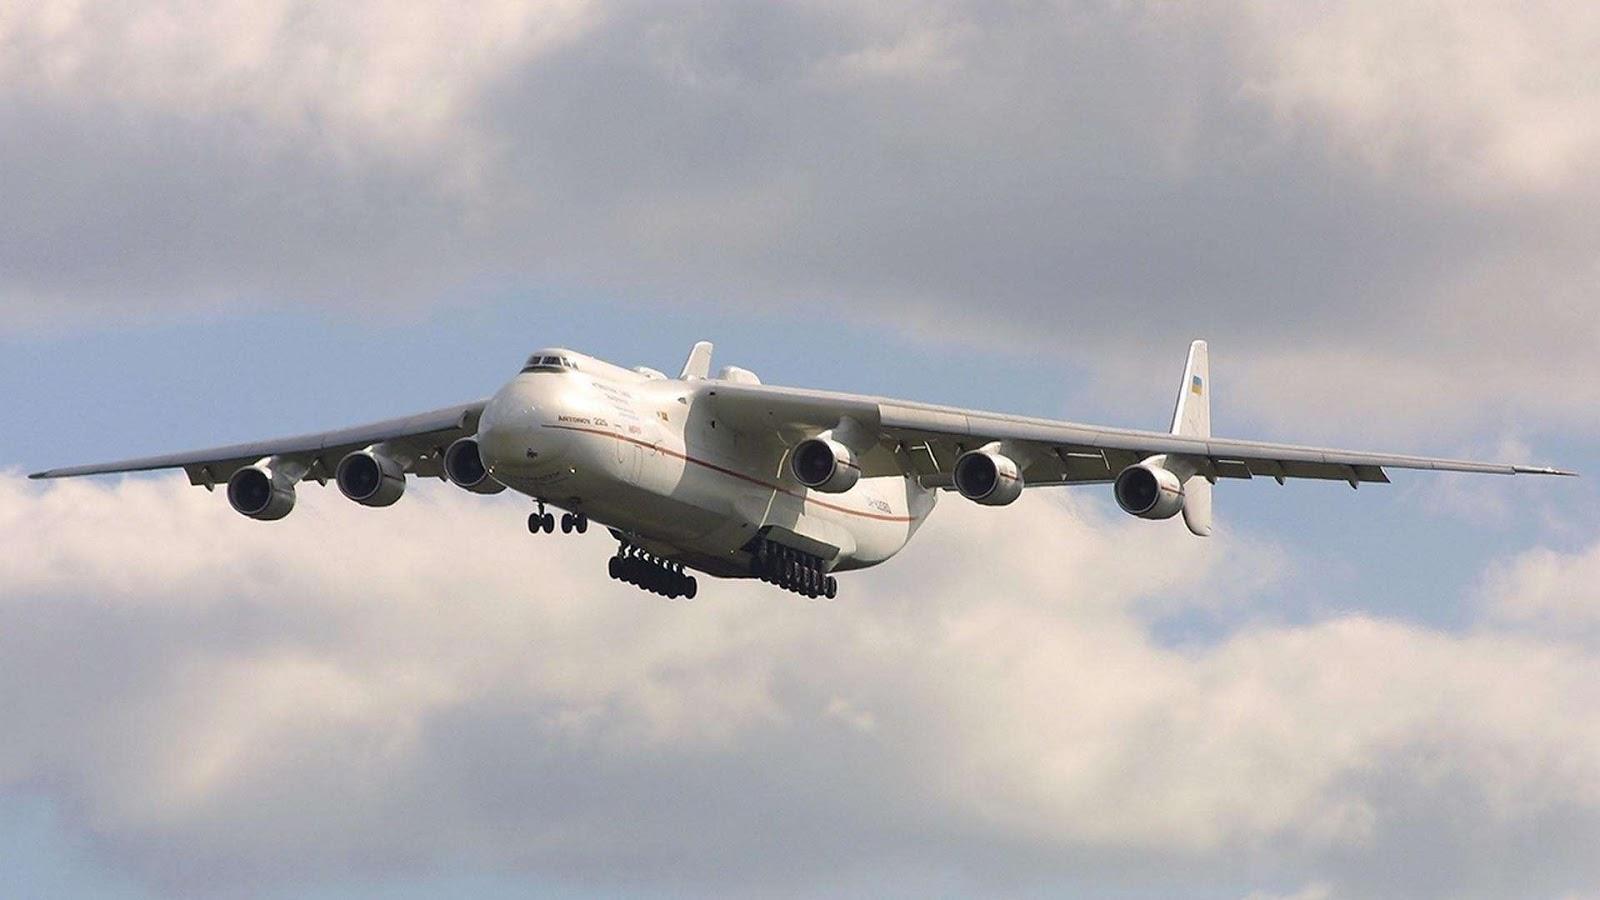 http://2.bp.blogspot.com/-IFJoHex_wVo/UJ0cOTJ4gVI/AAAAAAAAF-s/gEBMHqDaBaM/s1600/Antonov-An-225_1080.jpg